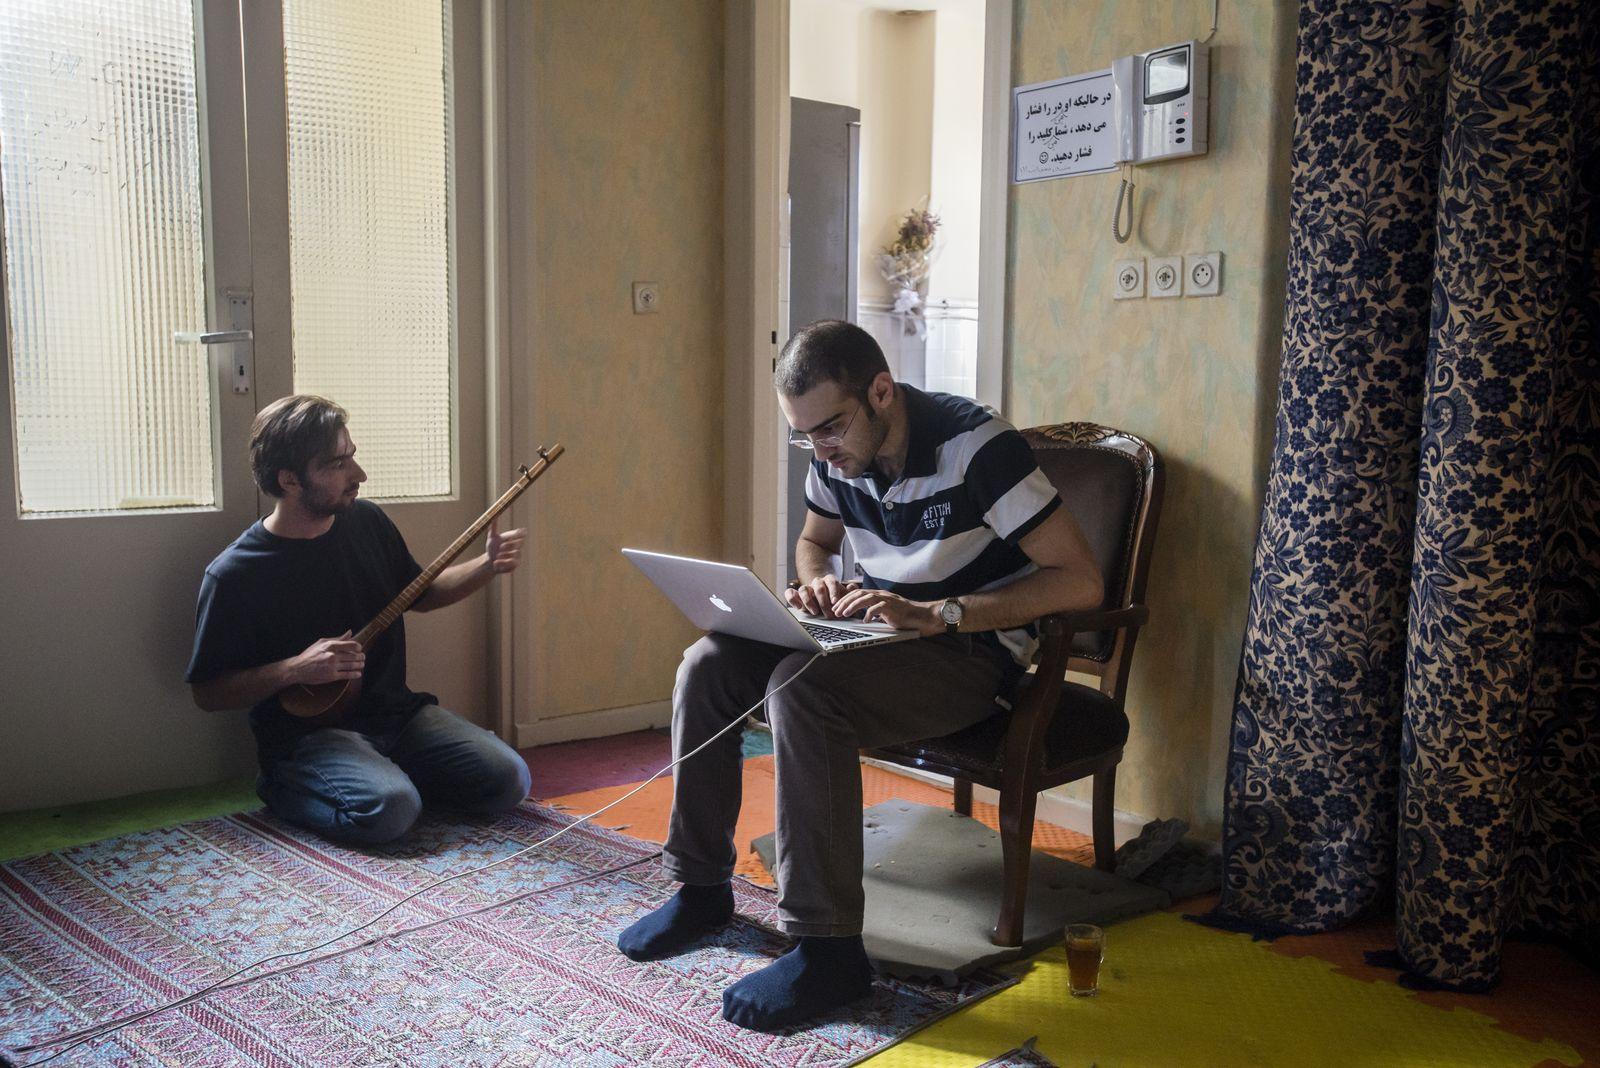 NICHT MEHR VERWENDEN! - Iran Junge Leute / Laptop